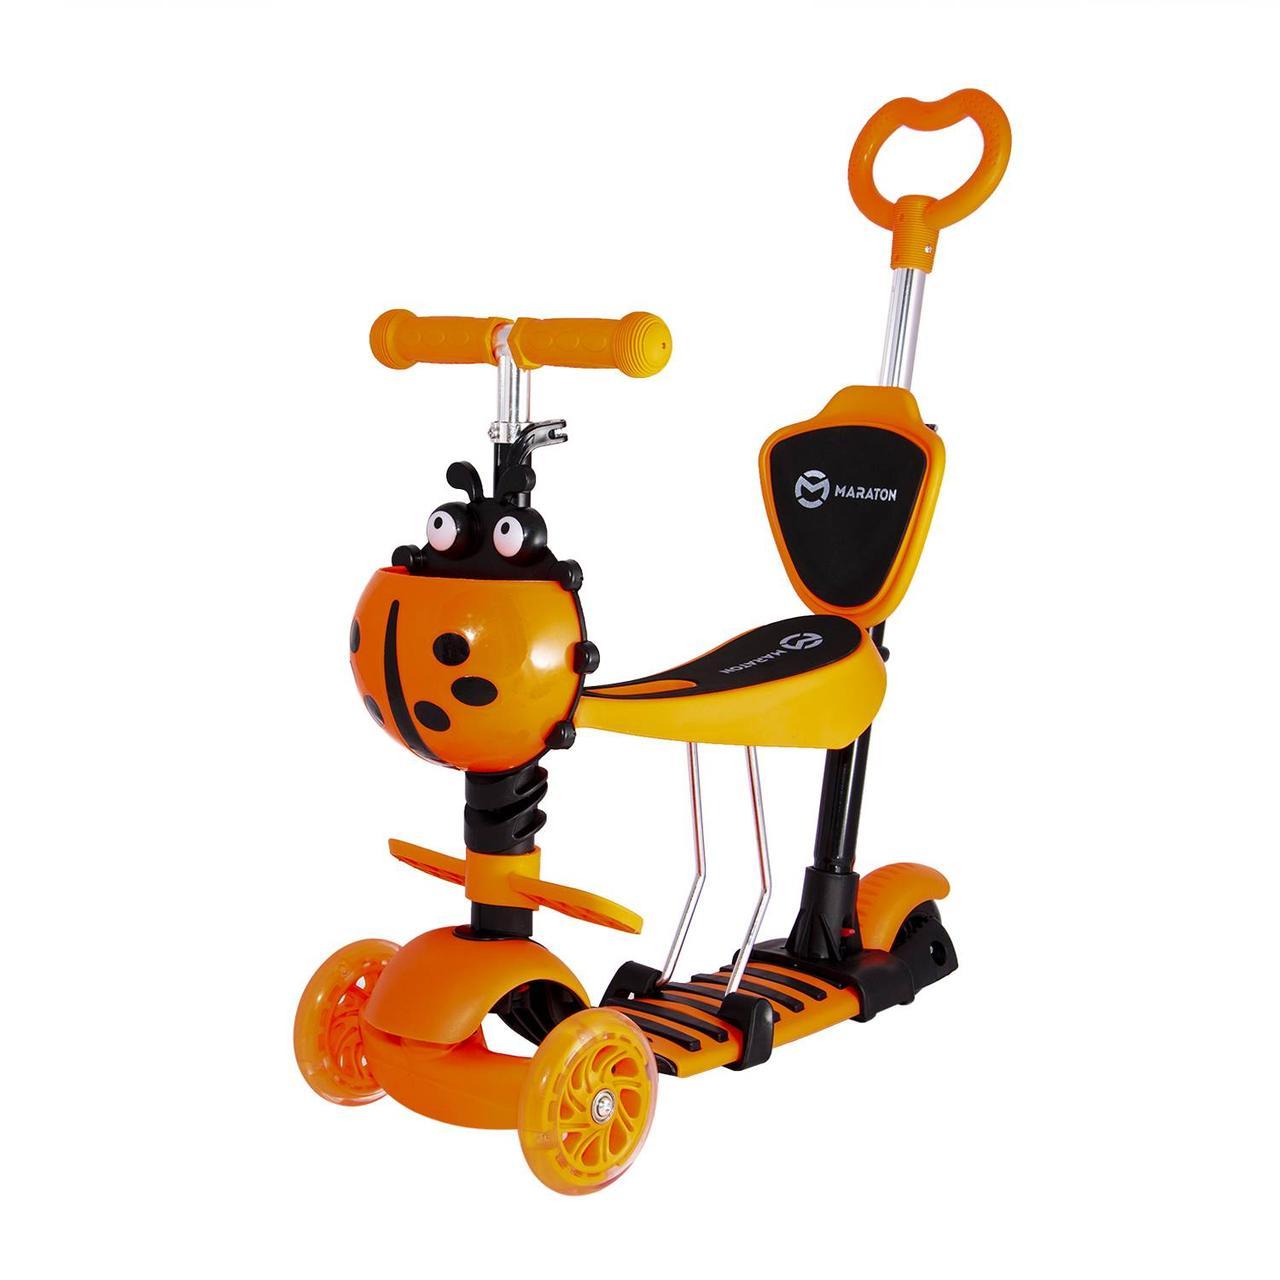 Детский самокат-беговел Maraton Swift трехколесный с родительской ручкой (оранжевый)